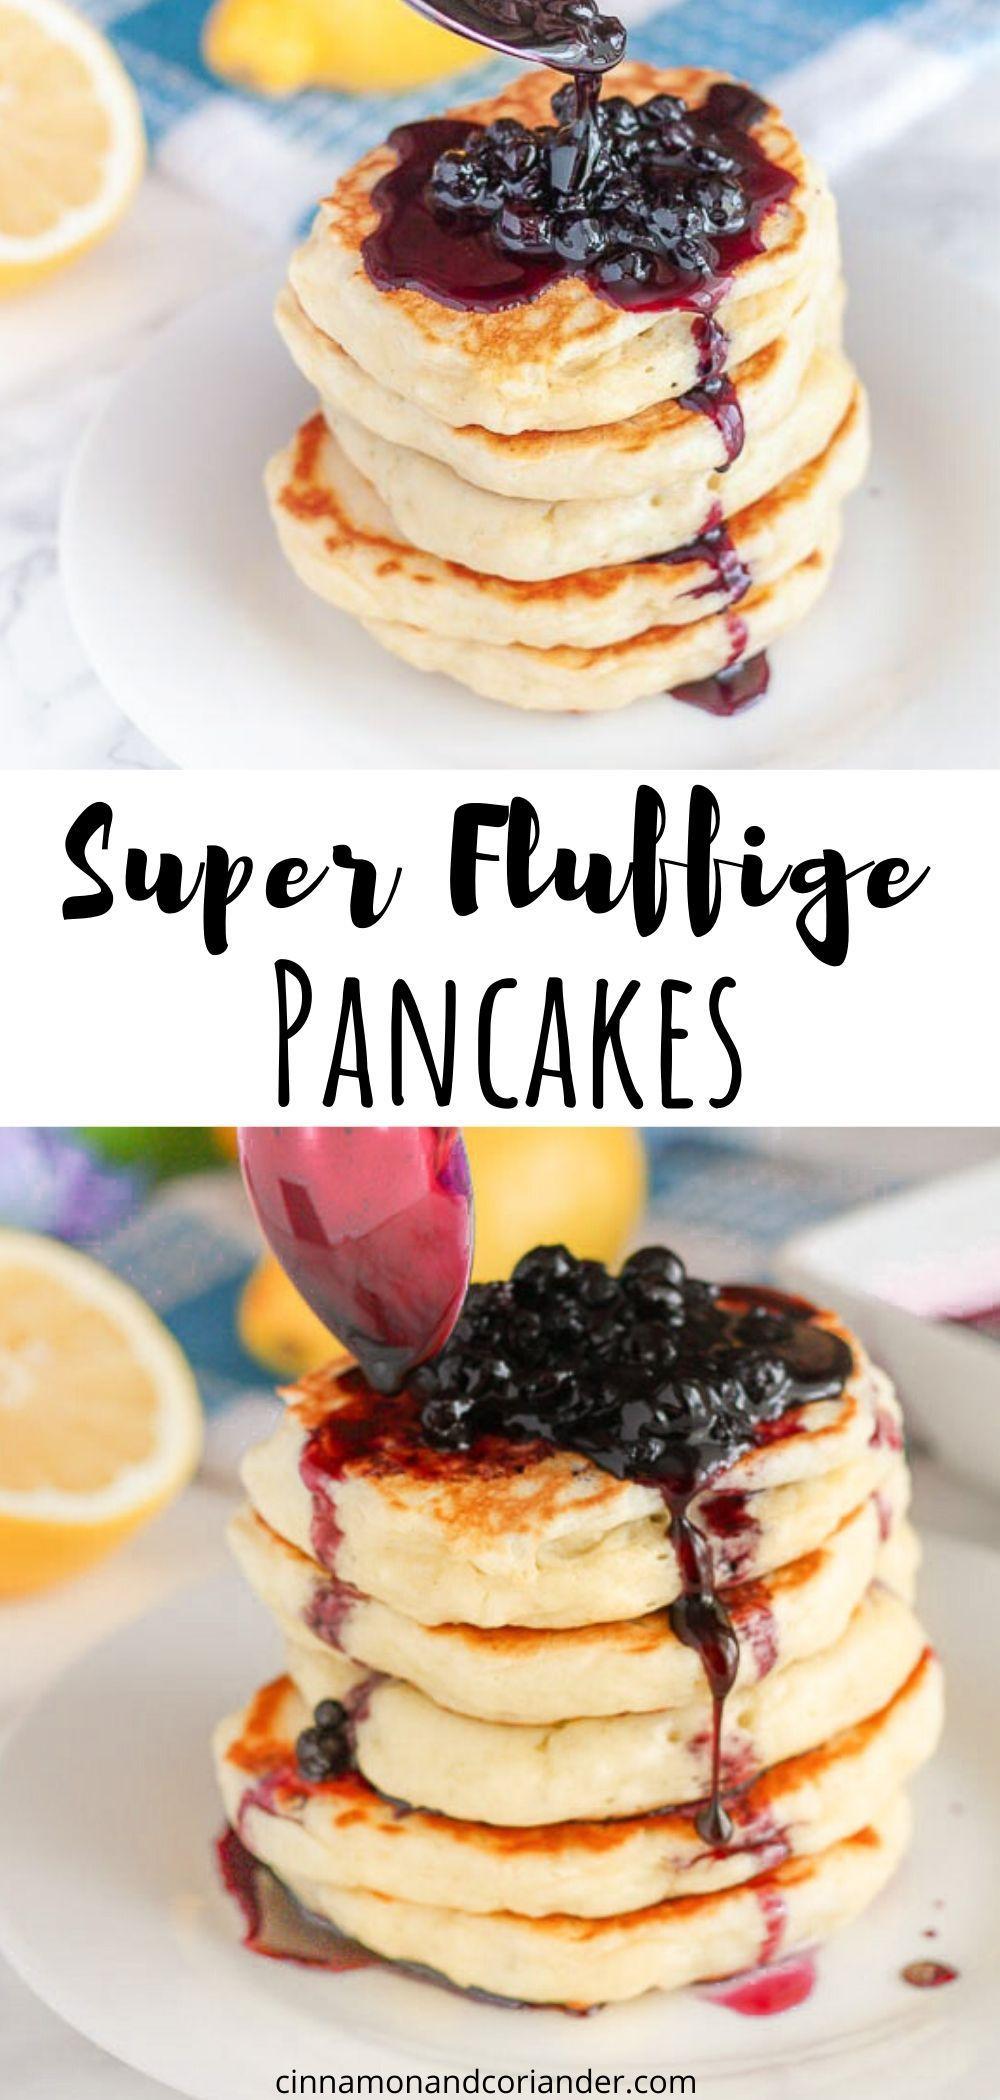 Blaubeer Pfannkuchen Rezept - Fluffige Pancakes